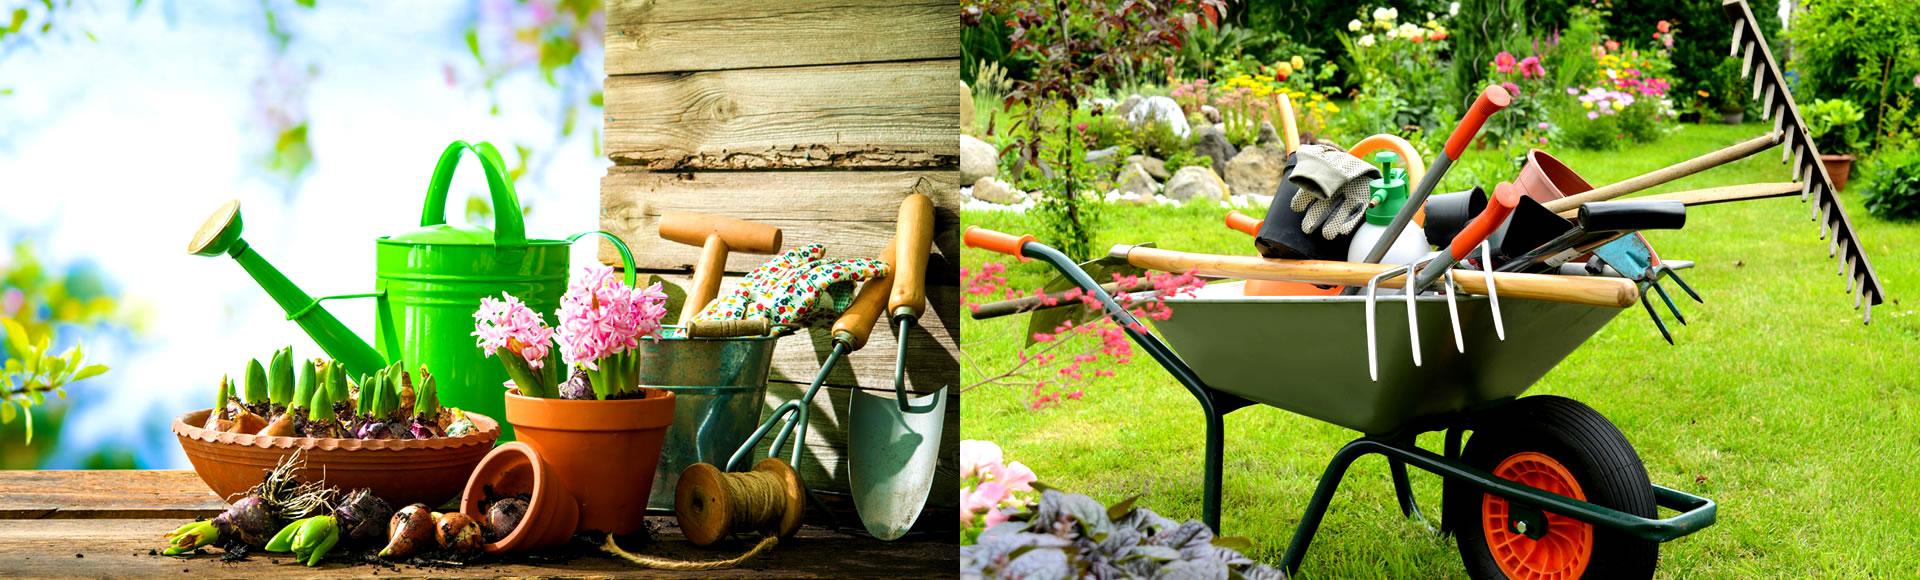 Rattalino Giardinaggio Pellet | Trofarello (TO)